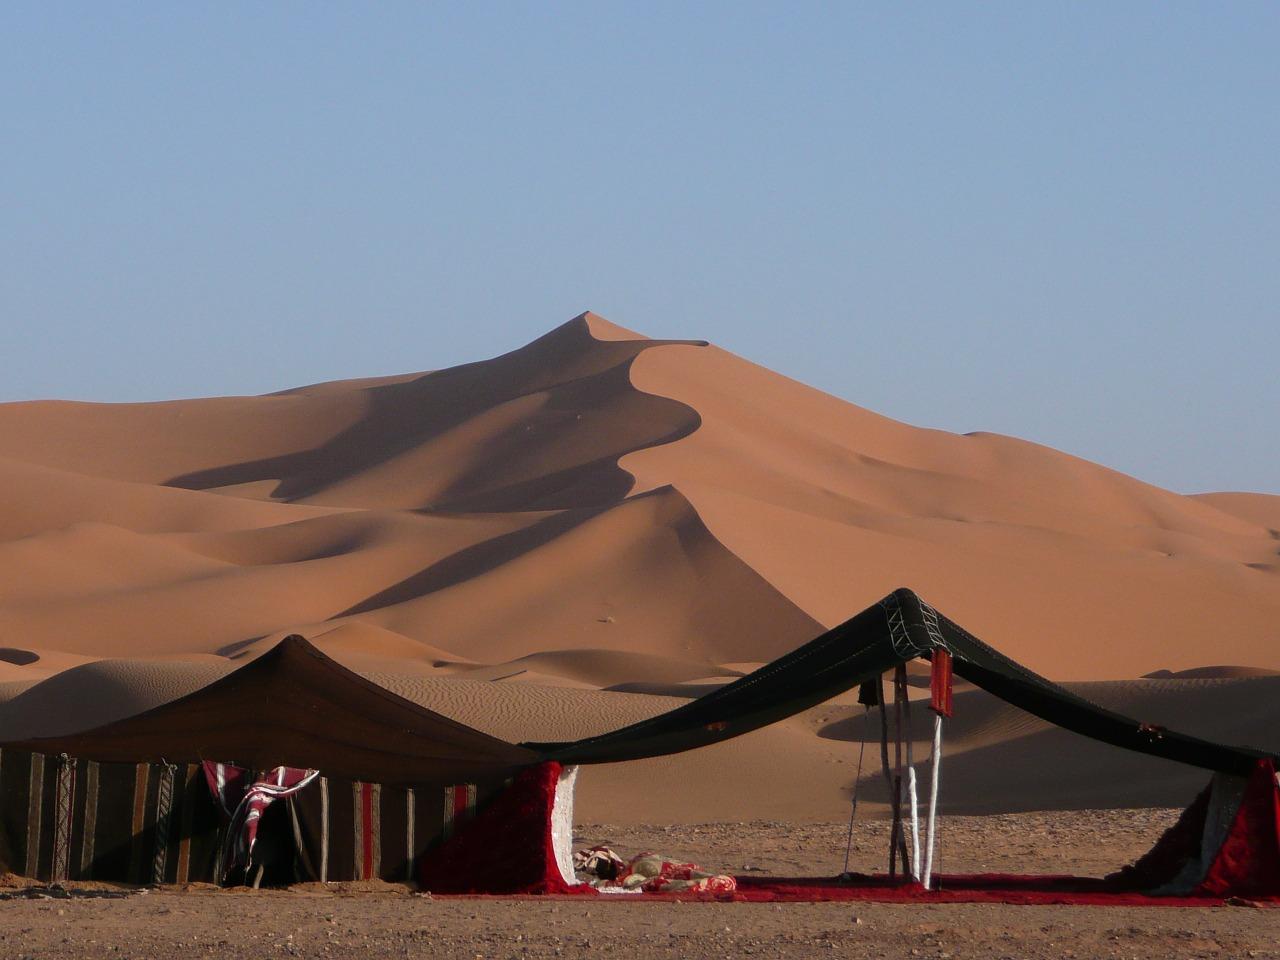 capodanno a marrakech nel deserto